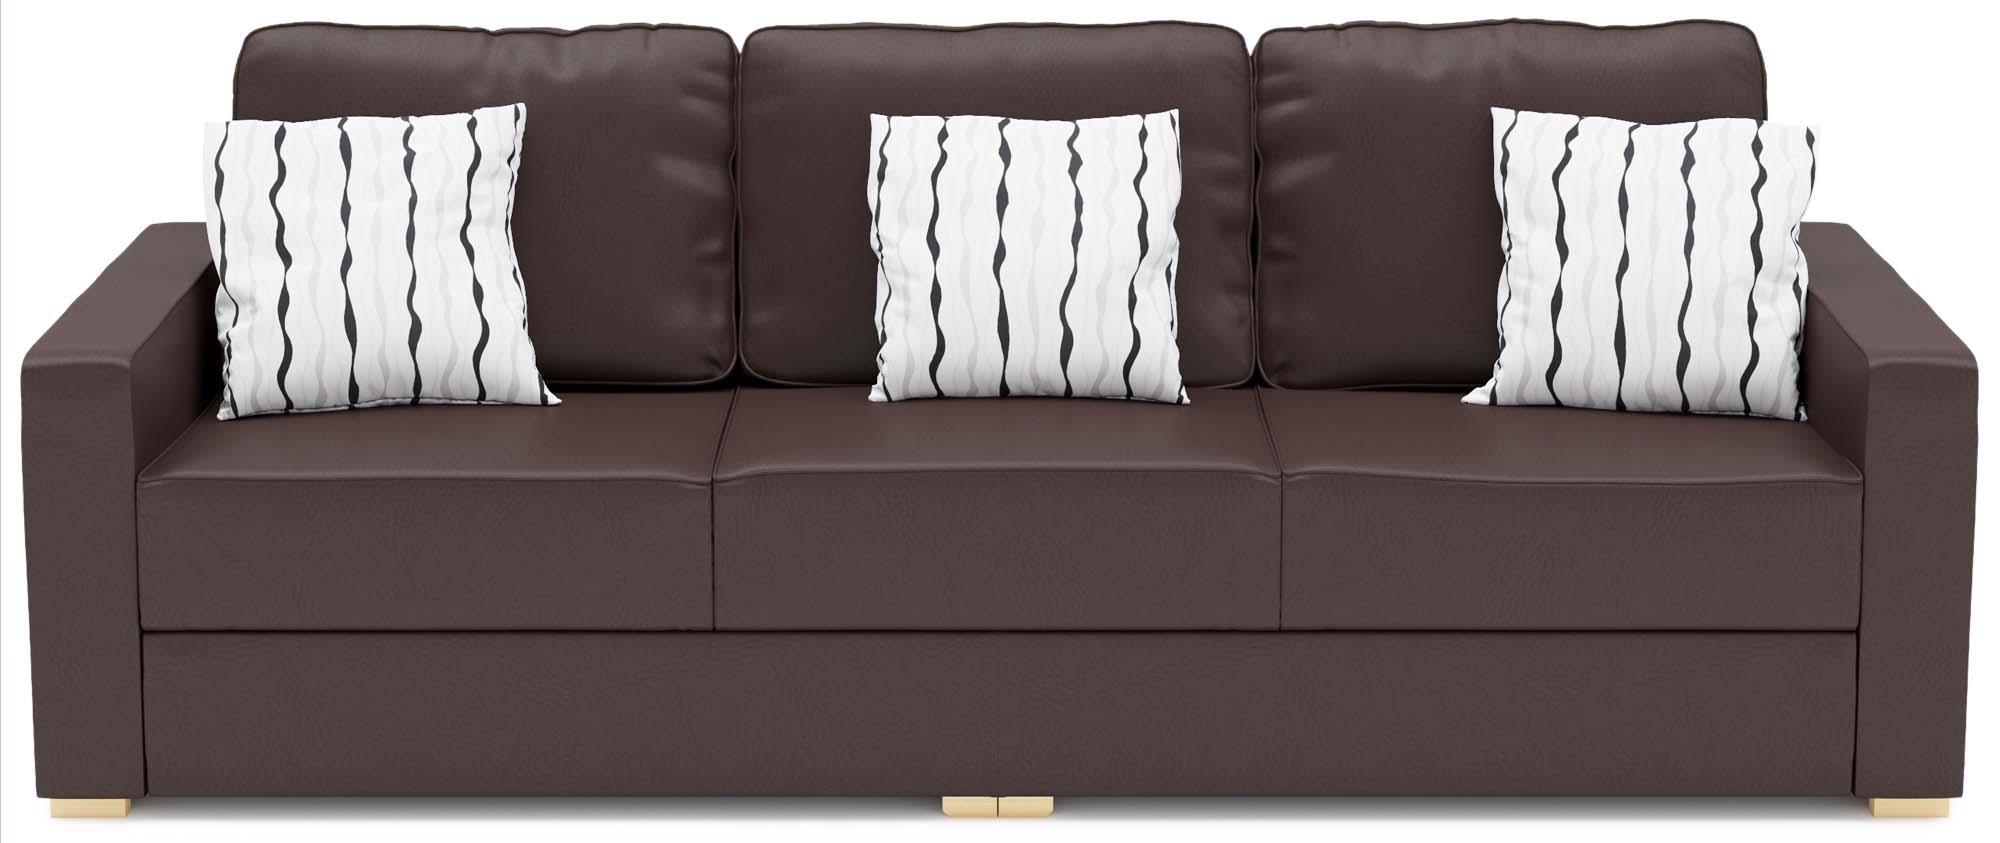 Alda 3 Seat Sofa